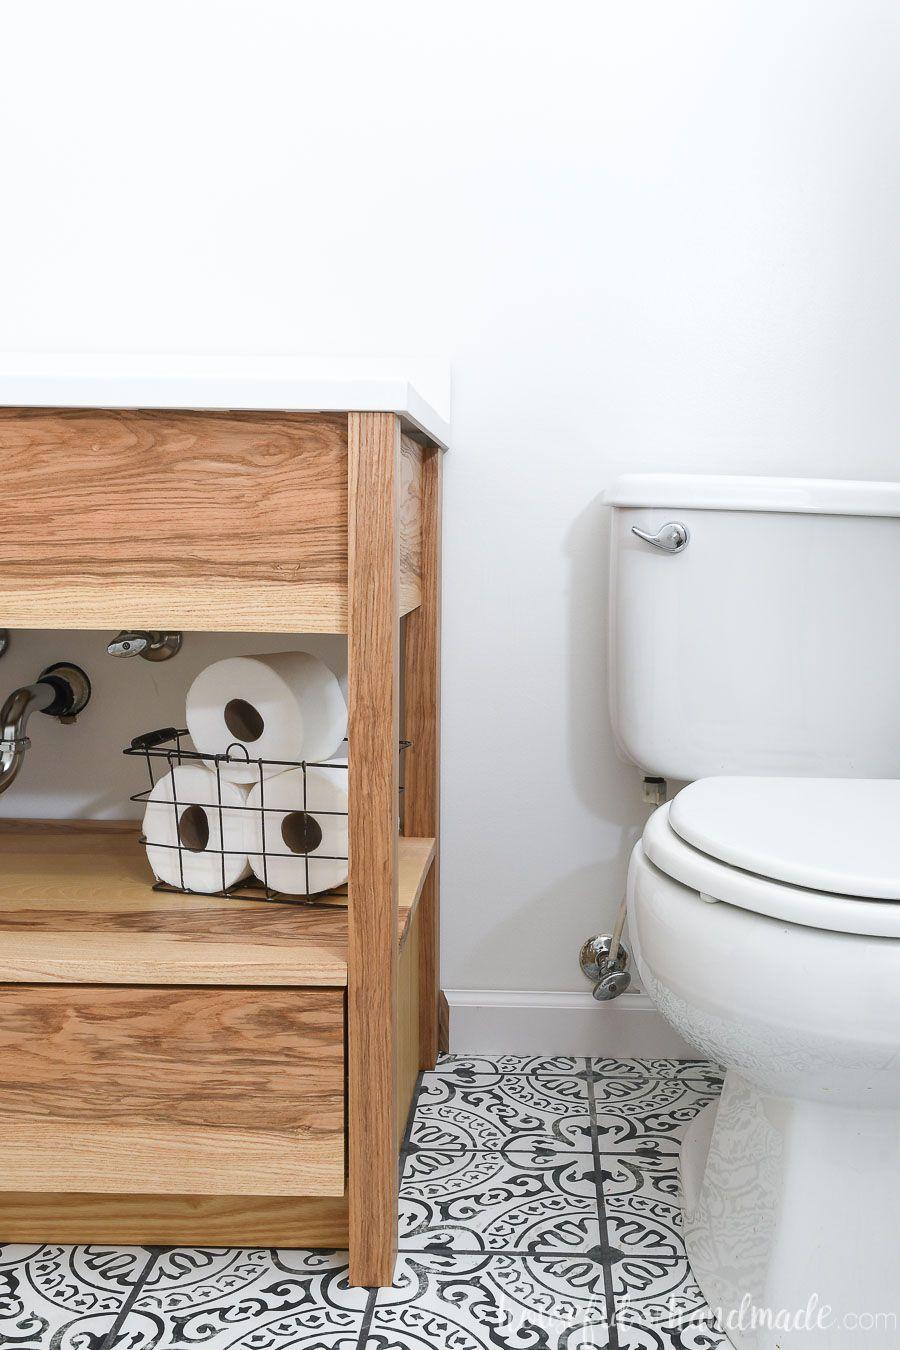 Diy Bathroom Vanity With Bottom Drawers Diy Bathroom Vanity Modern Bathroom Vanity Bathroom Design [ 1350 x 900 Pixel ]